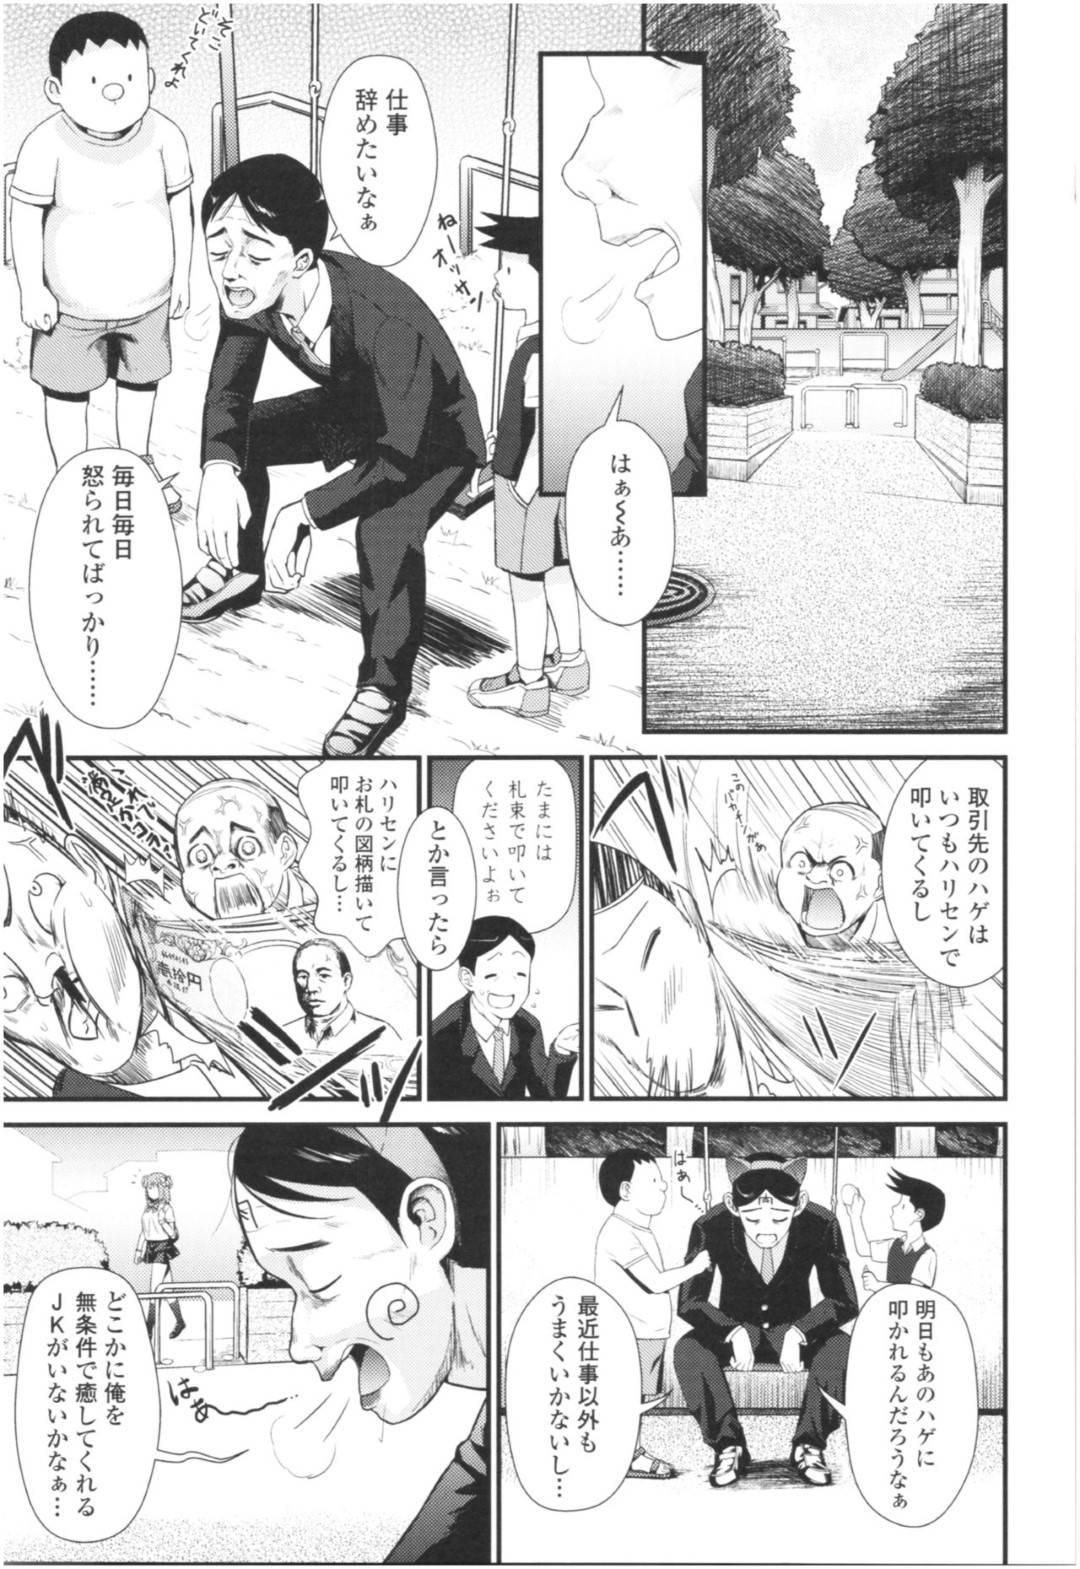 【エロ漫画】アンチアガール所属の巨乳JK…ターゲットのサラリーマンの家を訪問していきなり顔面おっぱい埋め!JKが男性を癒しまくる競技に参加して中出しセックス!【わなお】